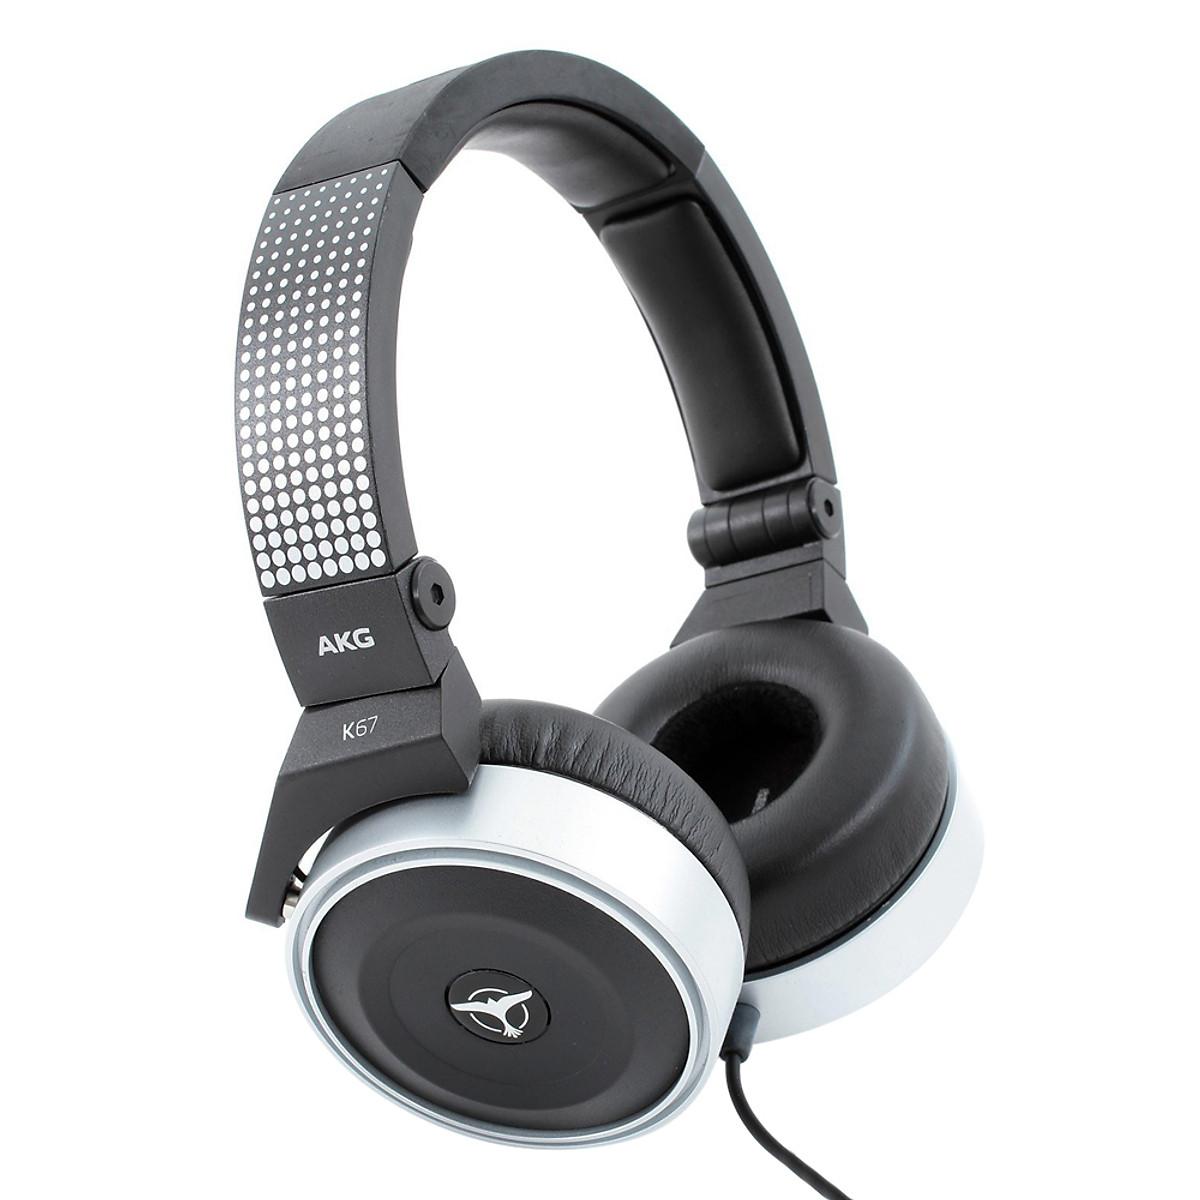 Tai nghe AKG K67 DJ Headphones – Hàng Nhập Khẩu